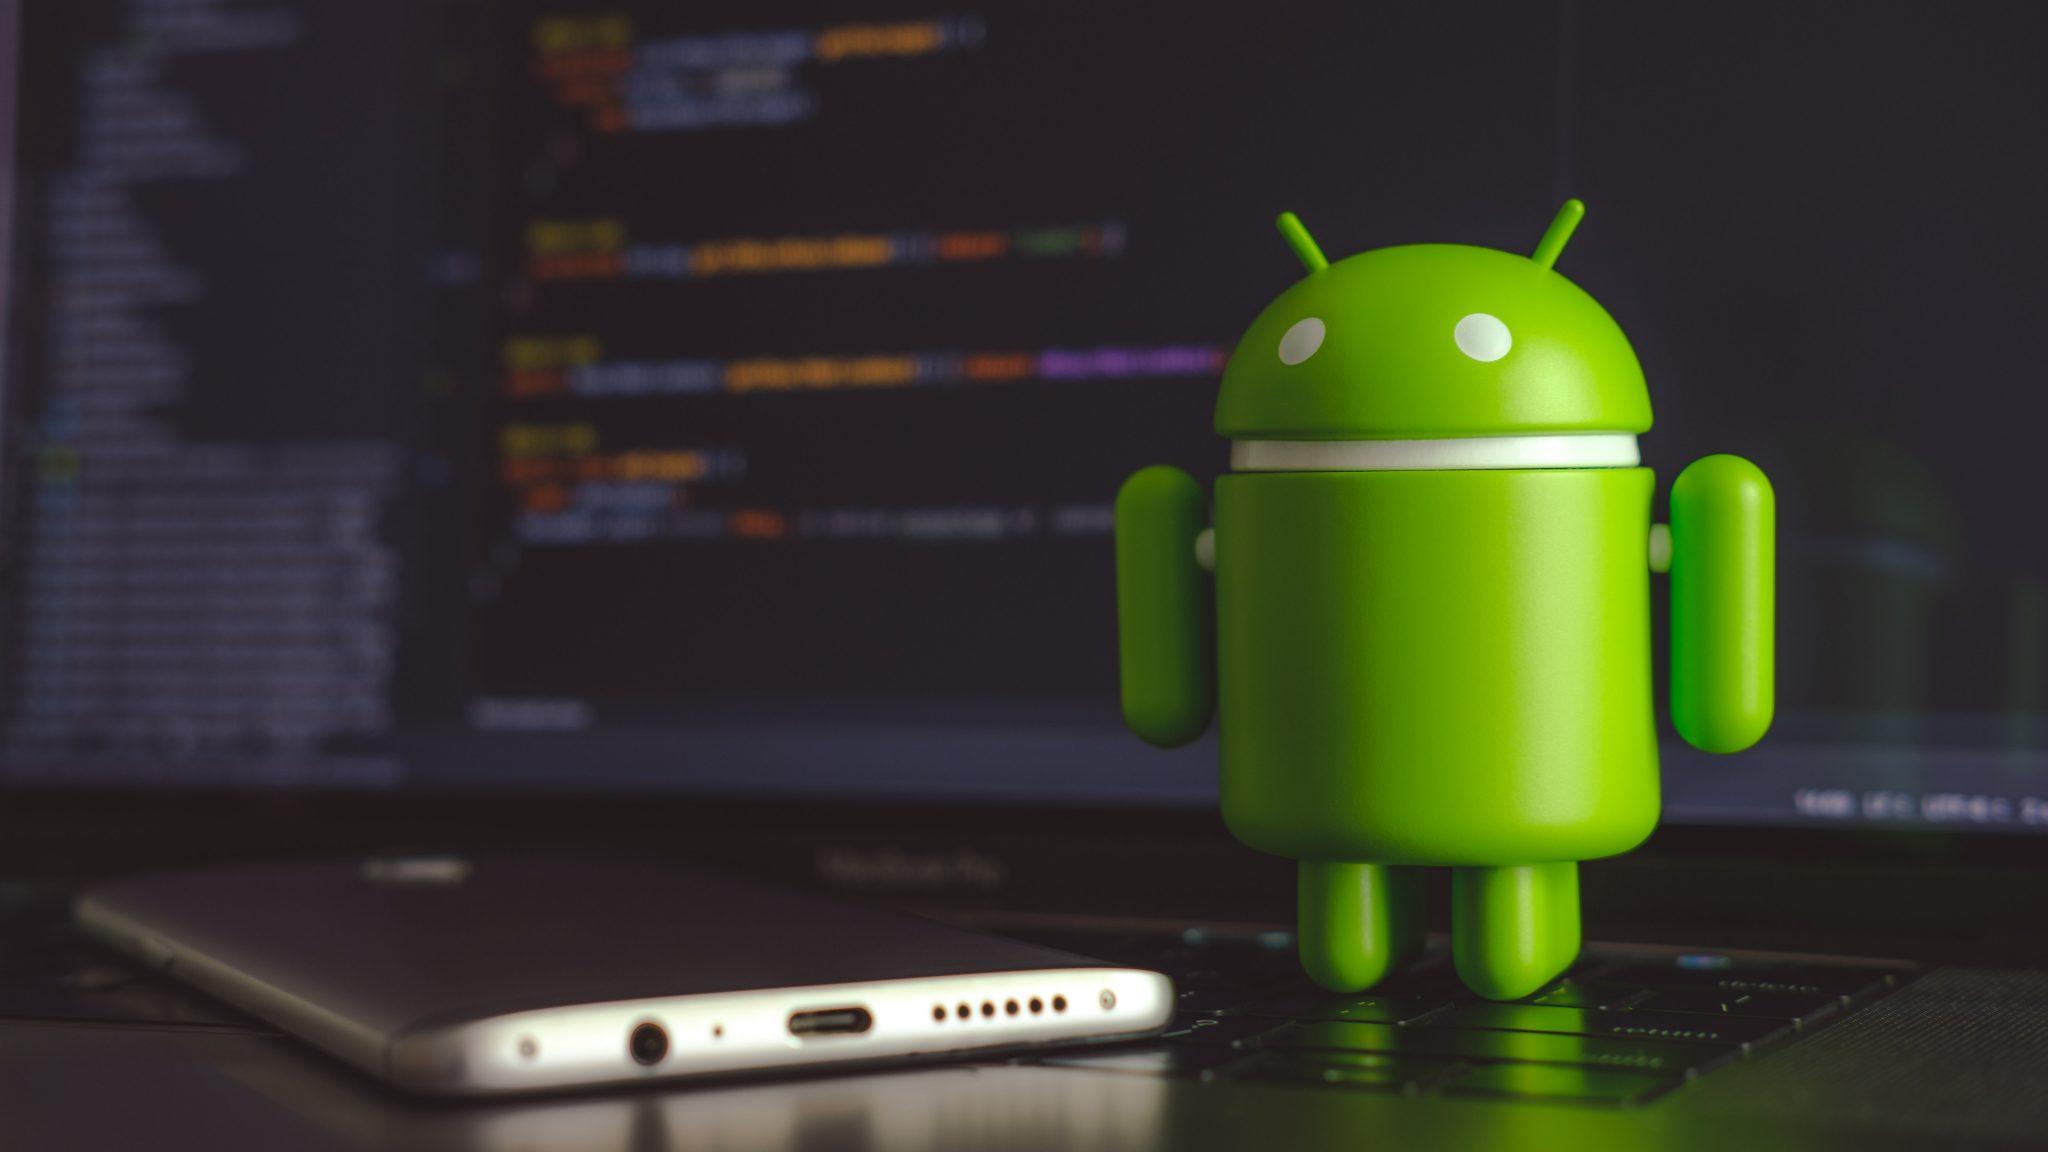 Como atualizar o android e apps do smartphone ou tablet. Descubra como é simples atualizar o android e os apps de seu smartphone ou tablet